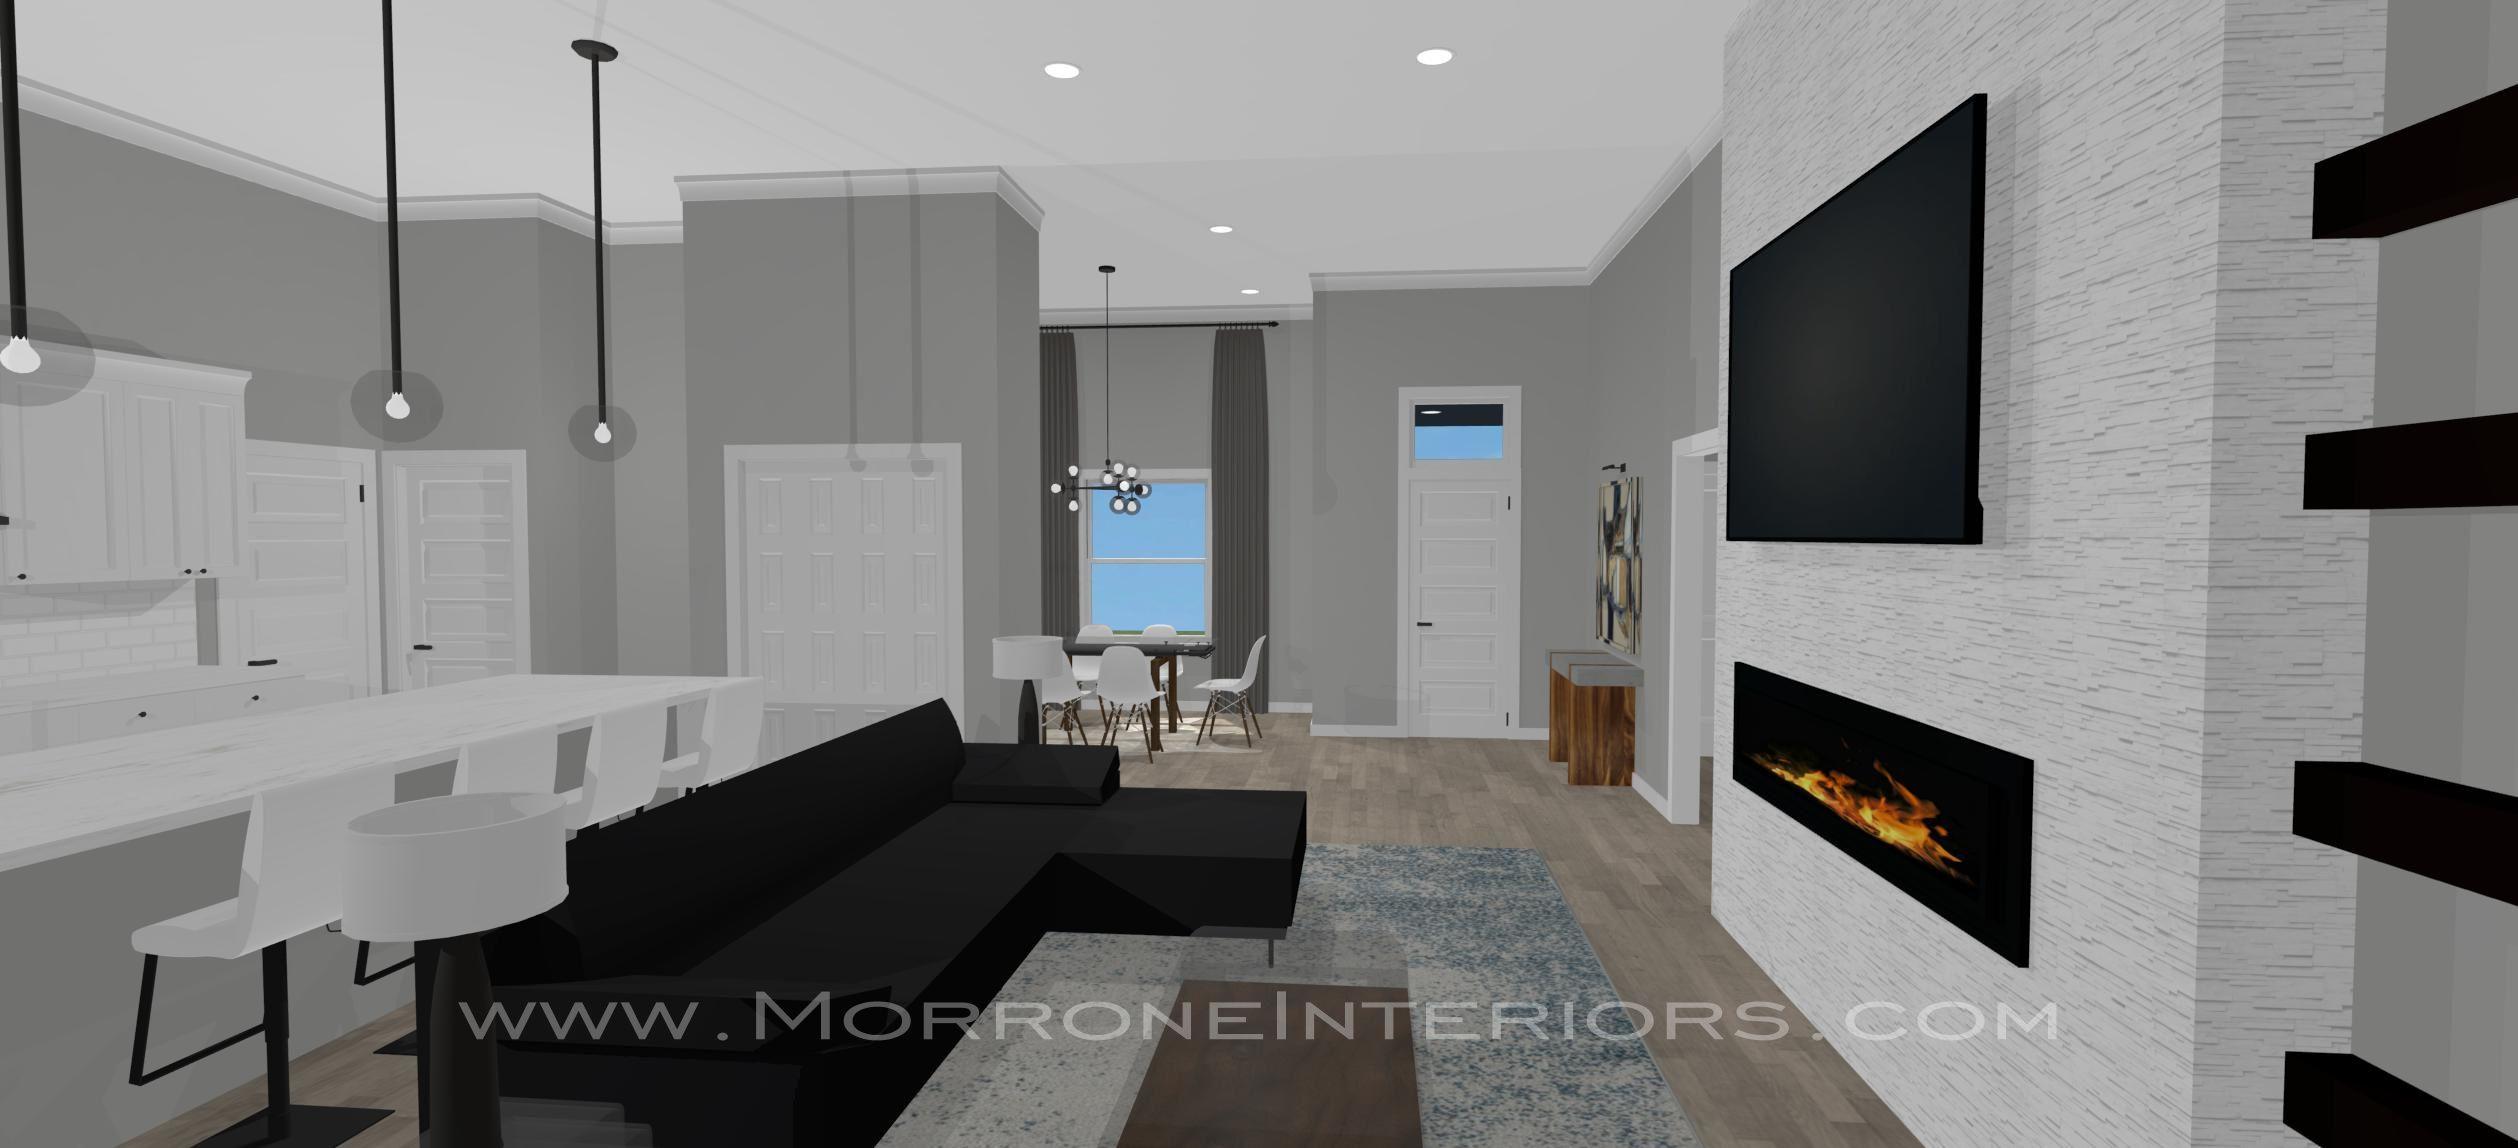 Full Home Design   3D Drawings   Family Room